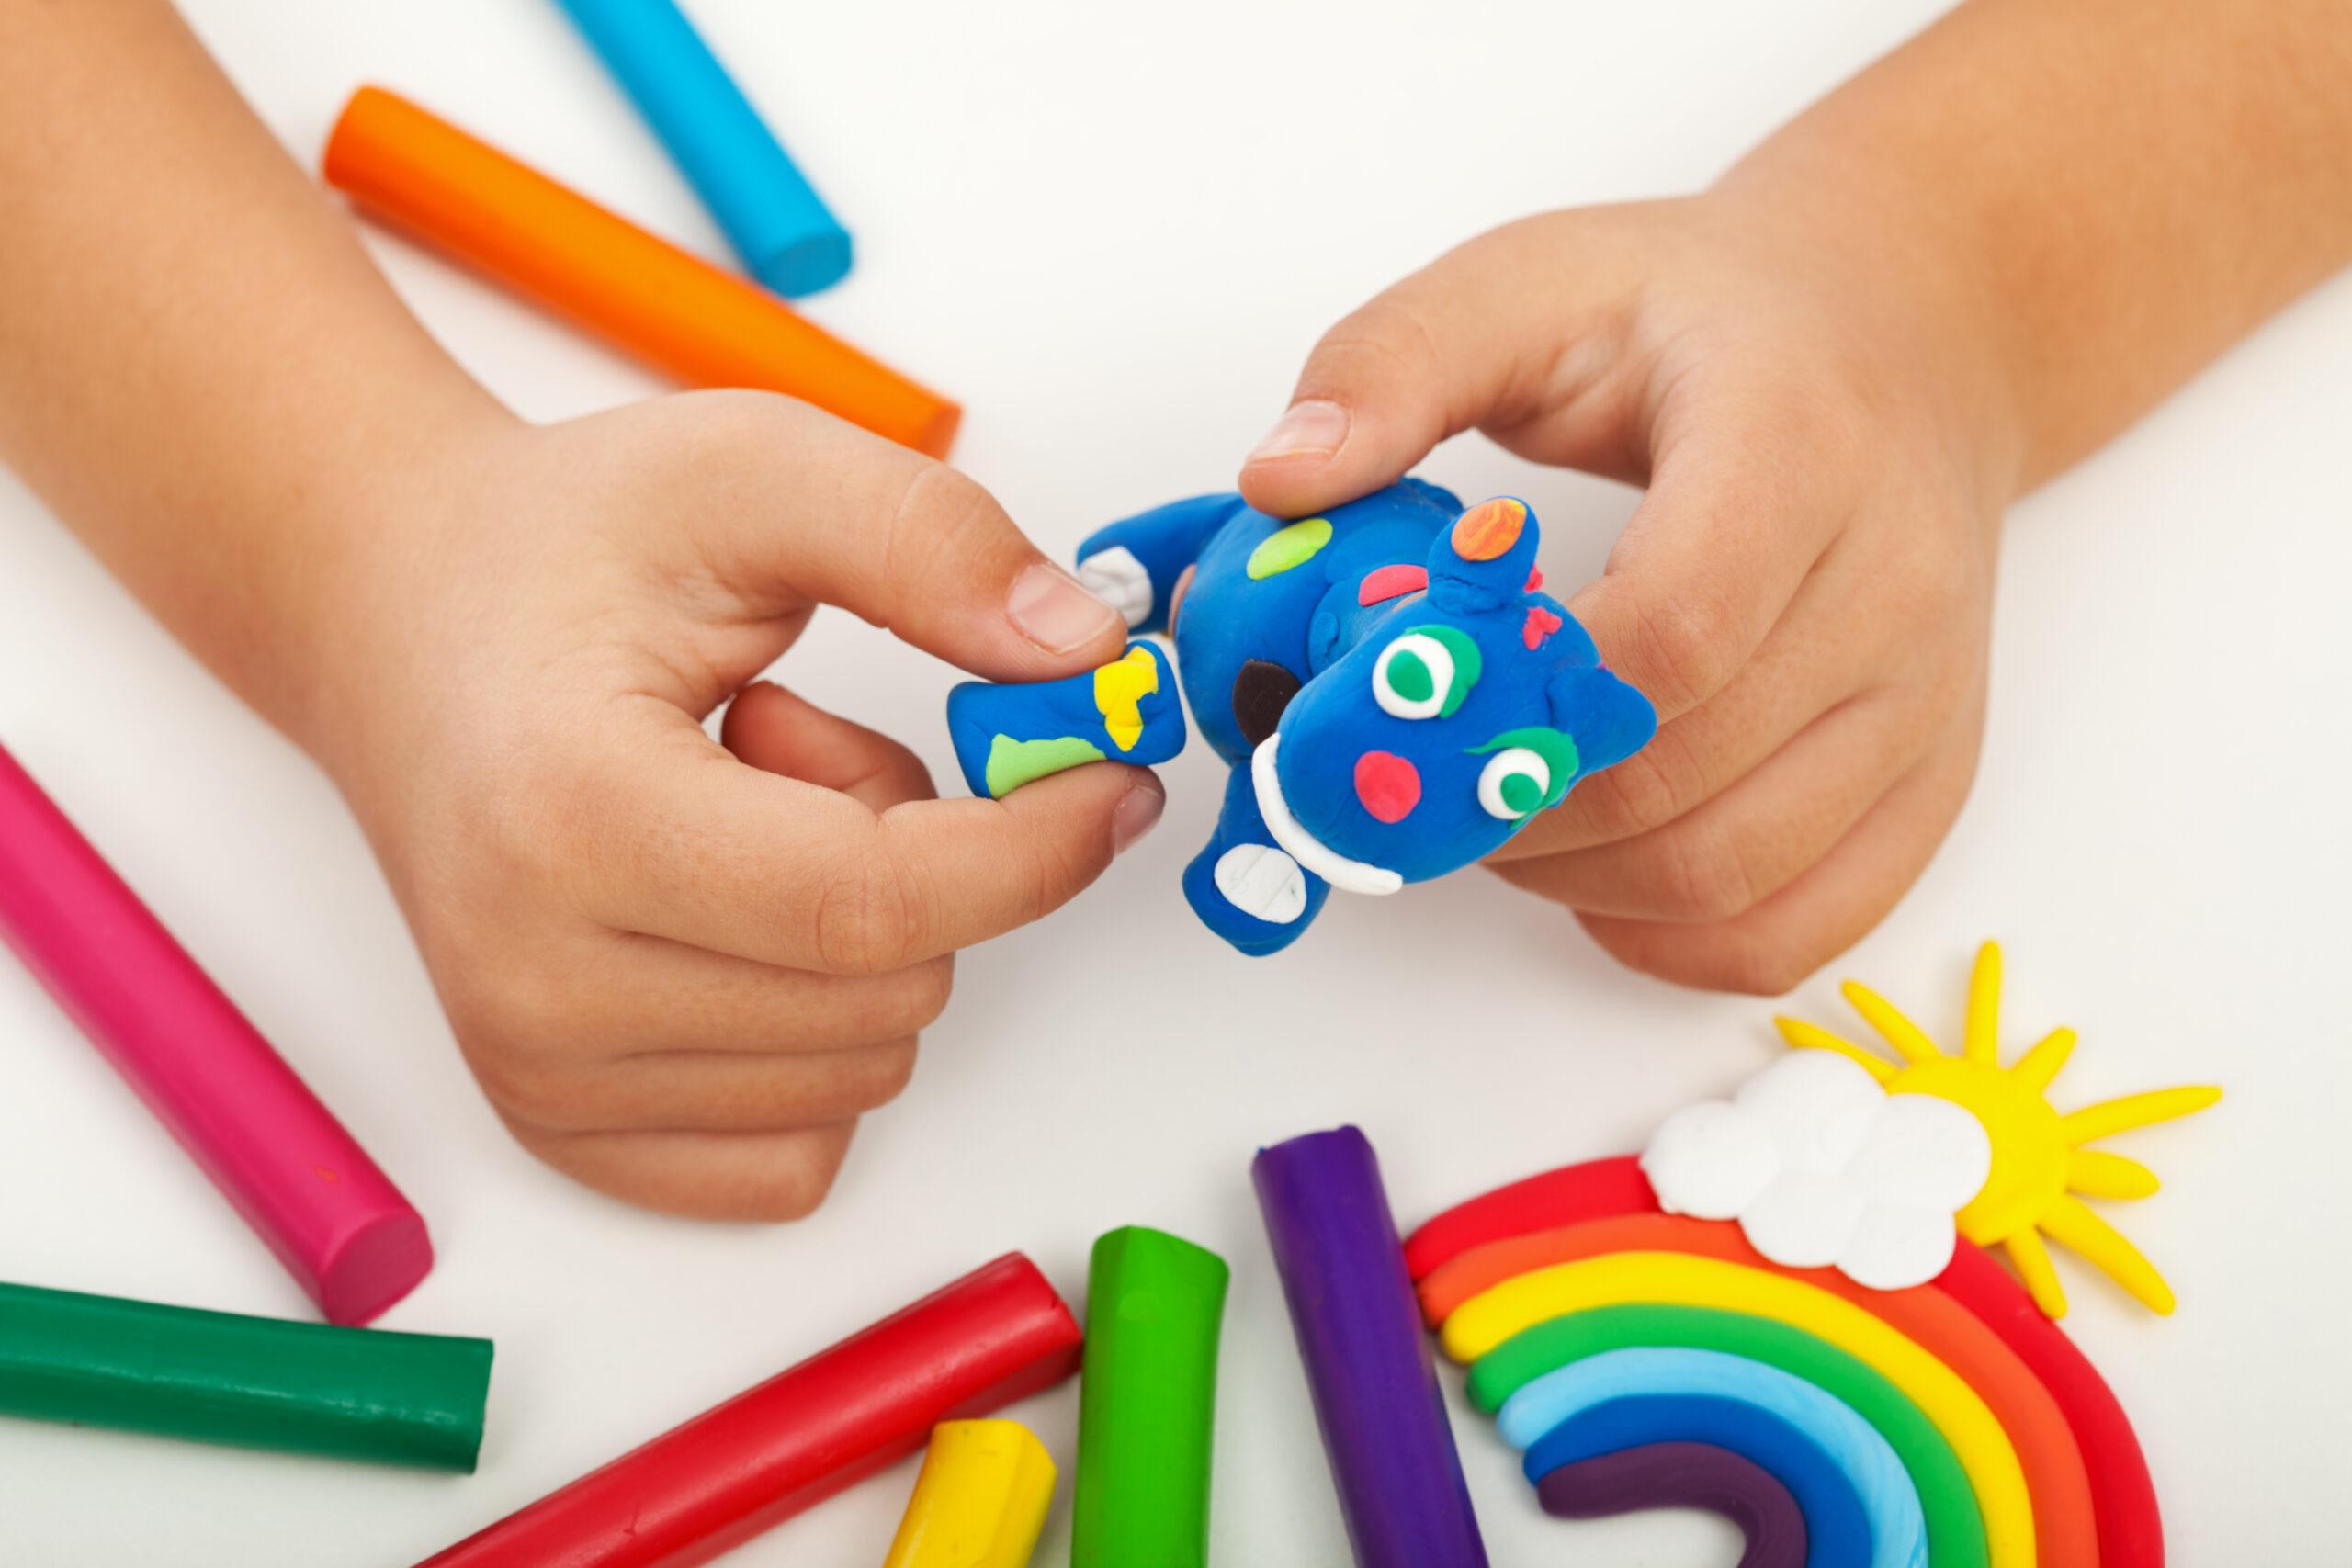 kinderhanden aan het knutselen met klei